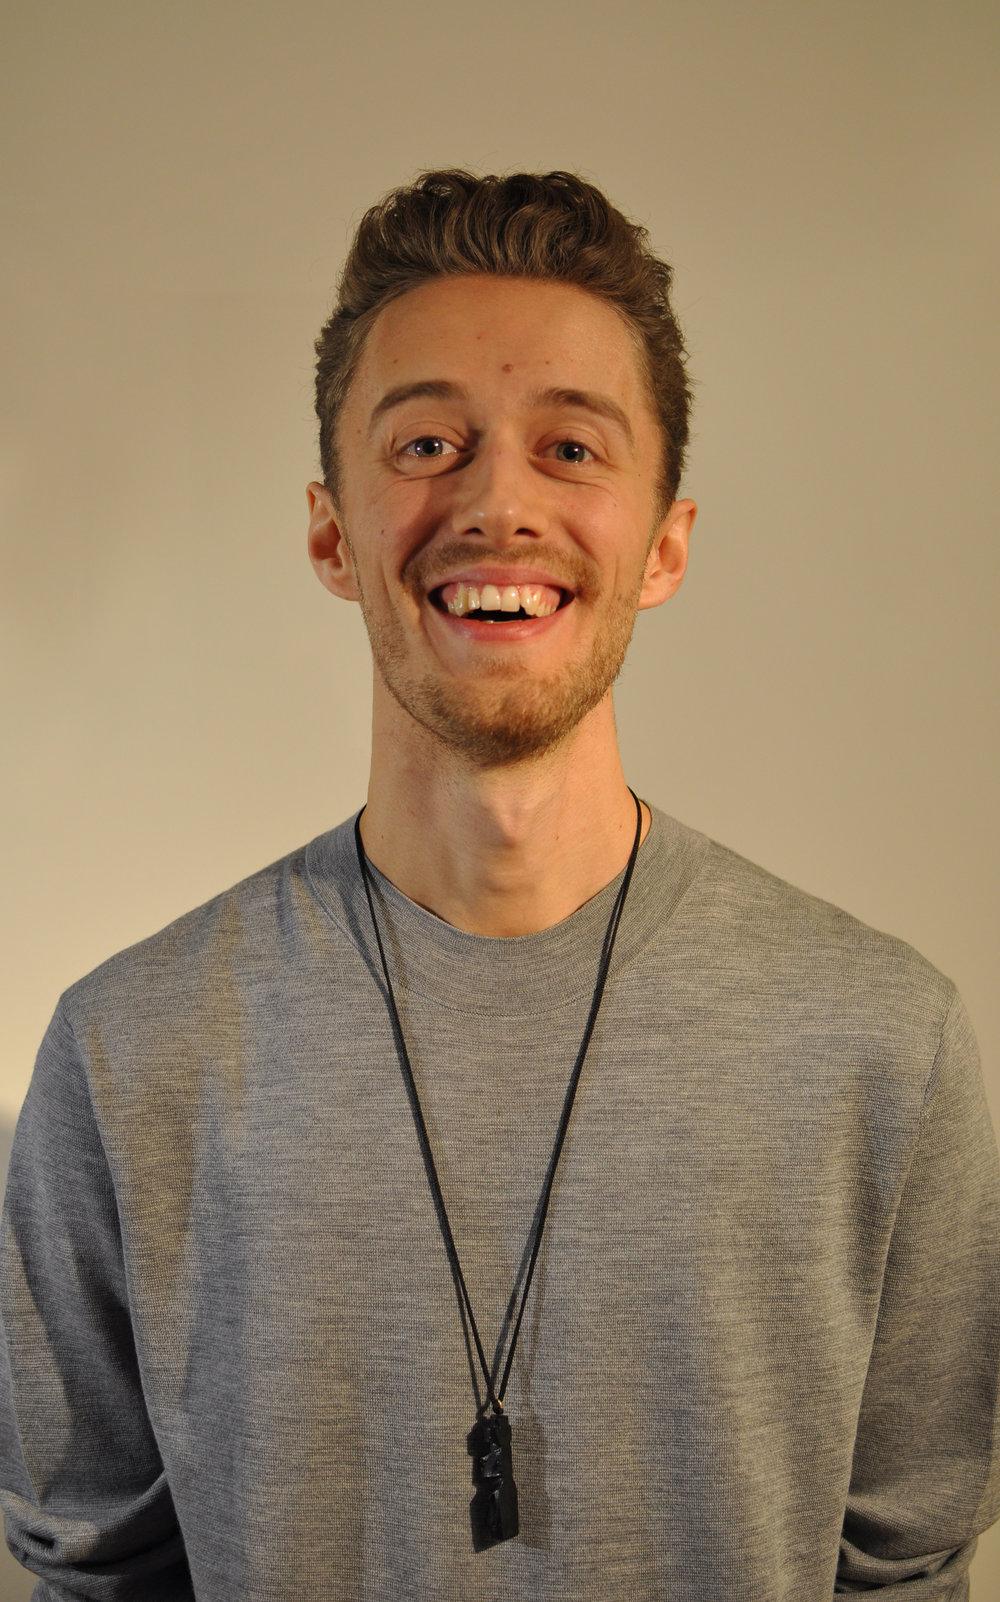 Mikael Boman är programkoordinator för Nackademins utbildning för VR-utvecklare. I höst startar den tvååriga utbildningen, som även inkluderar 20 veckors praktik.